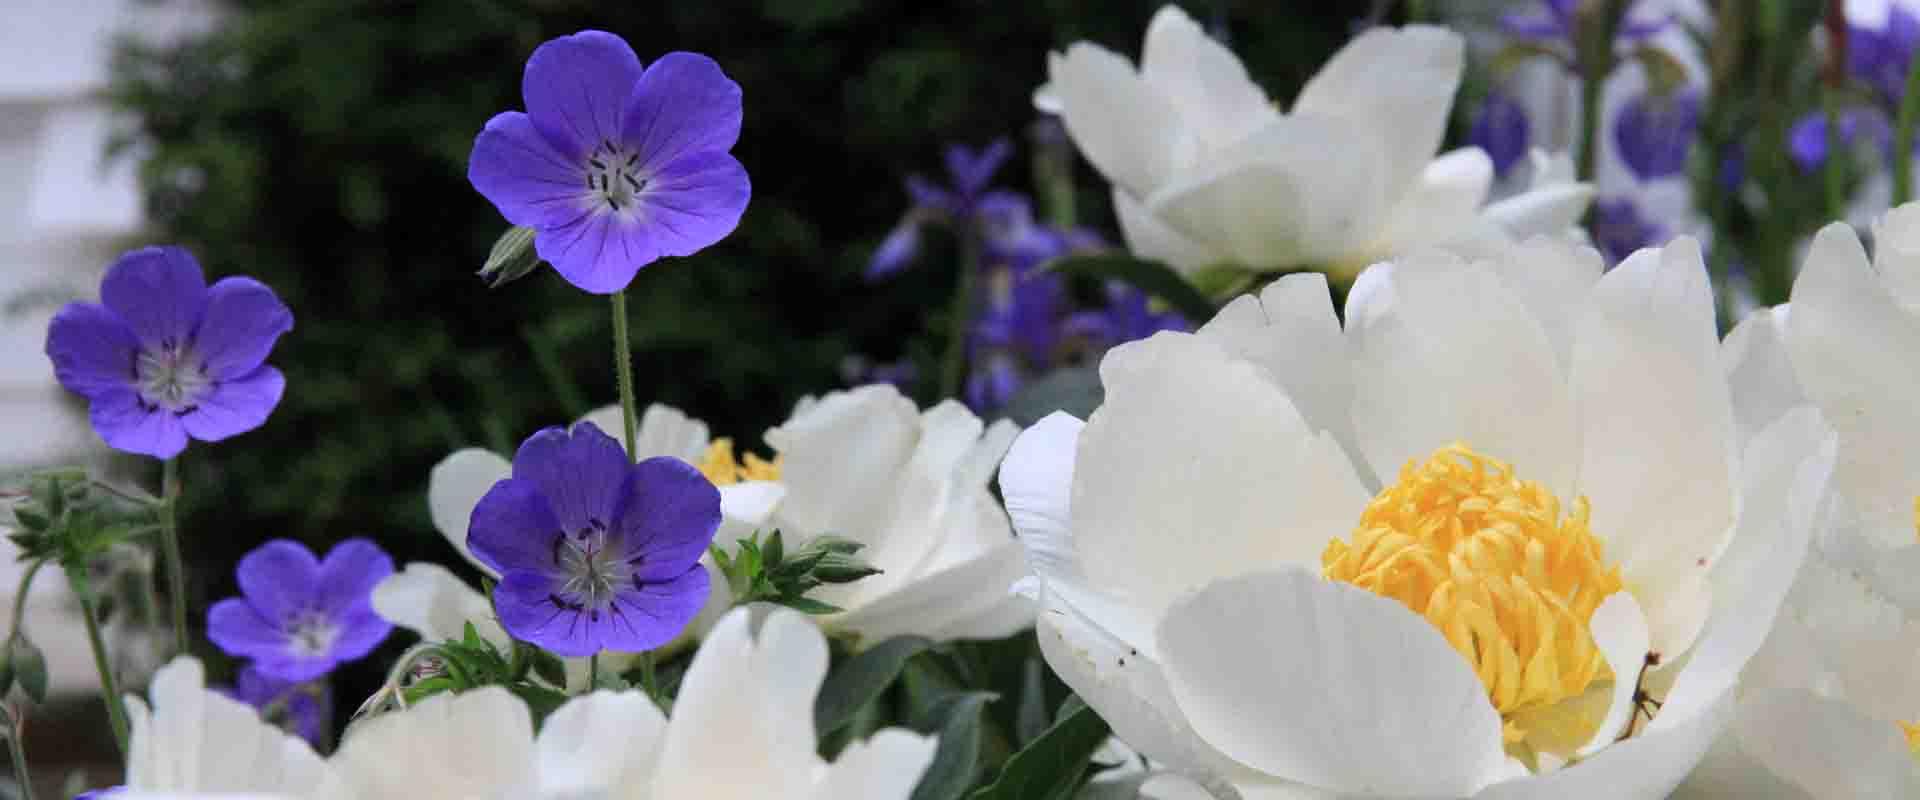 Plantlife jardiner a y paisajismo for Jardineria huelva